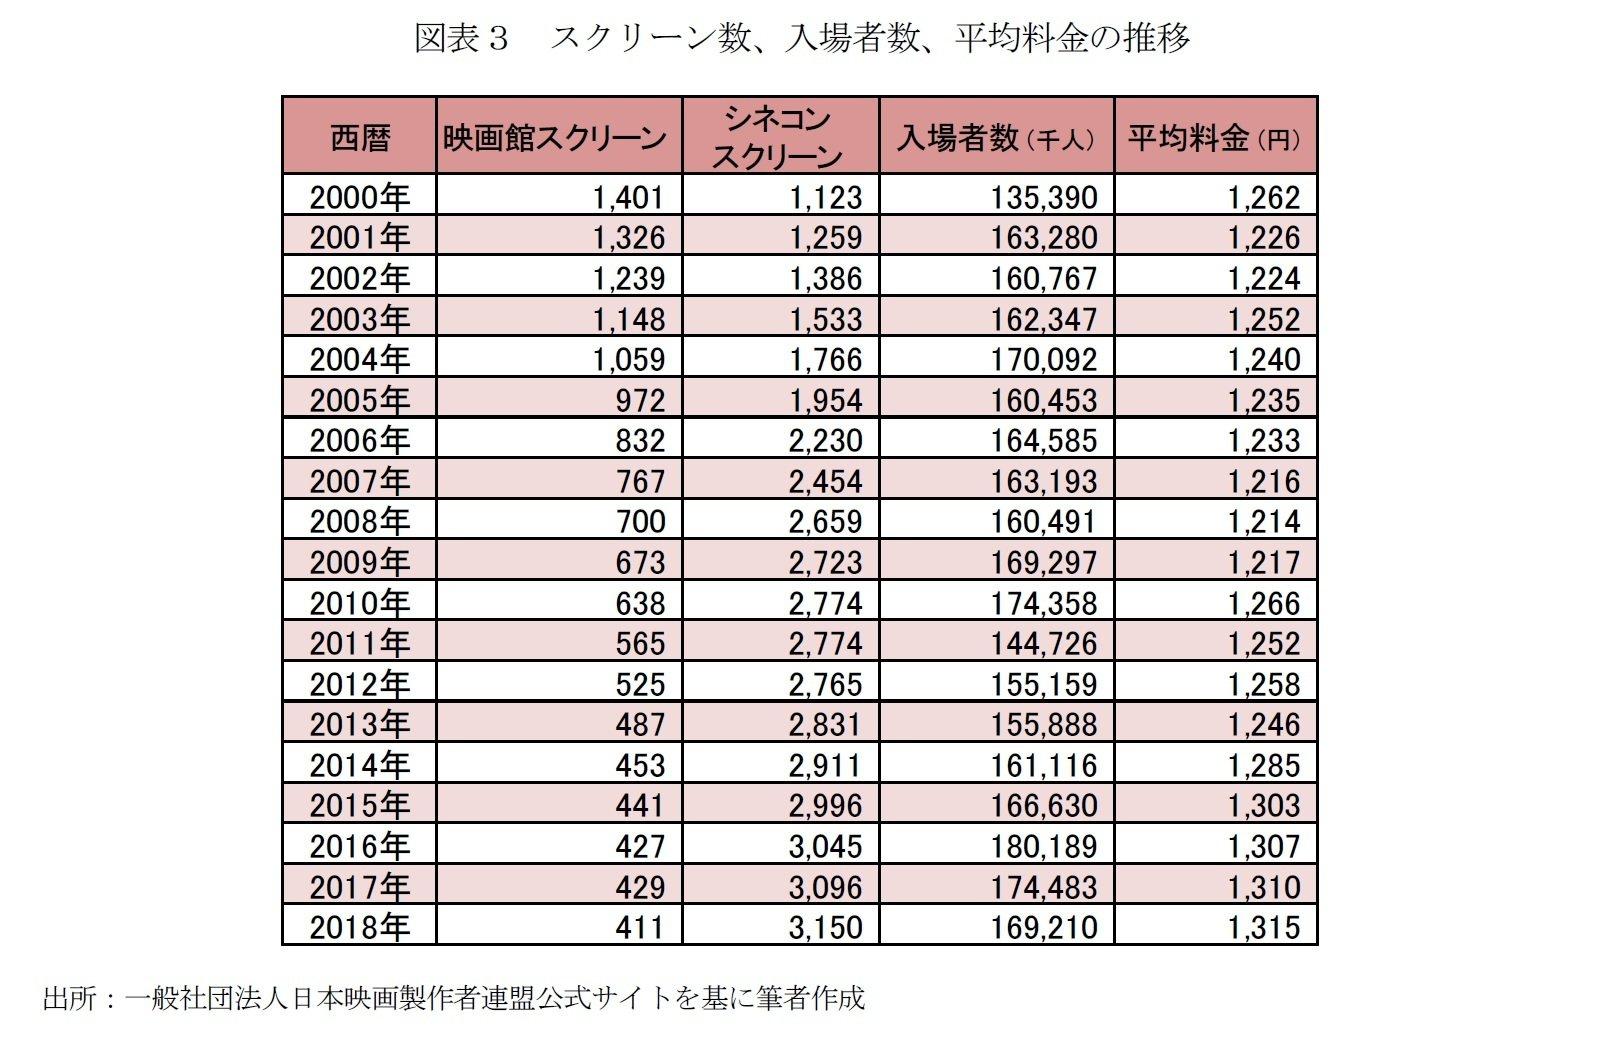 図表3 スクリーン数、入場者数、平均料金の推移